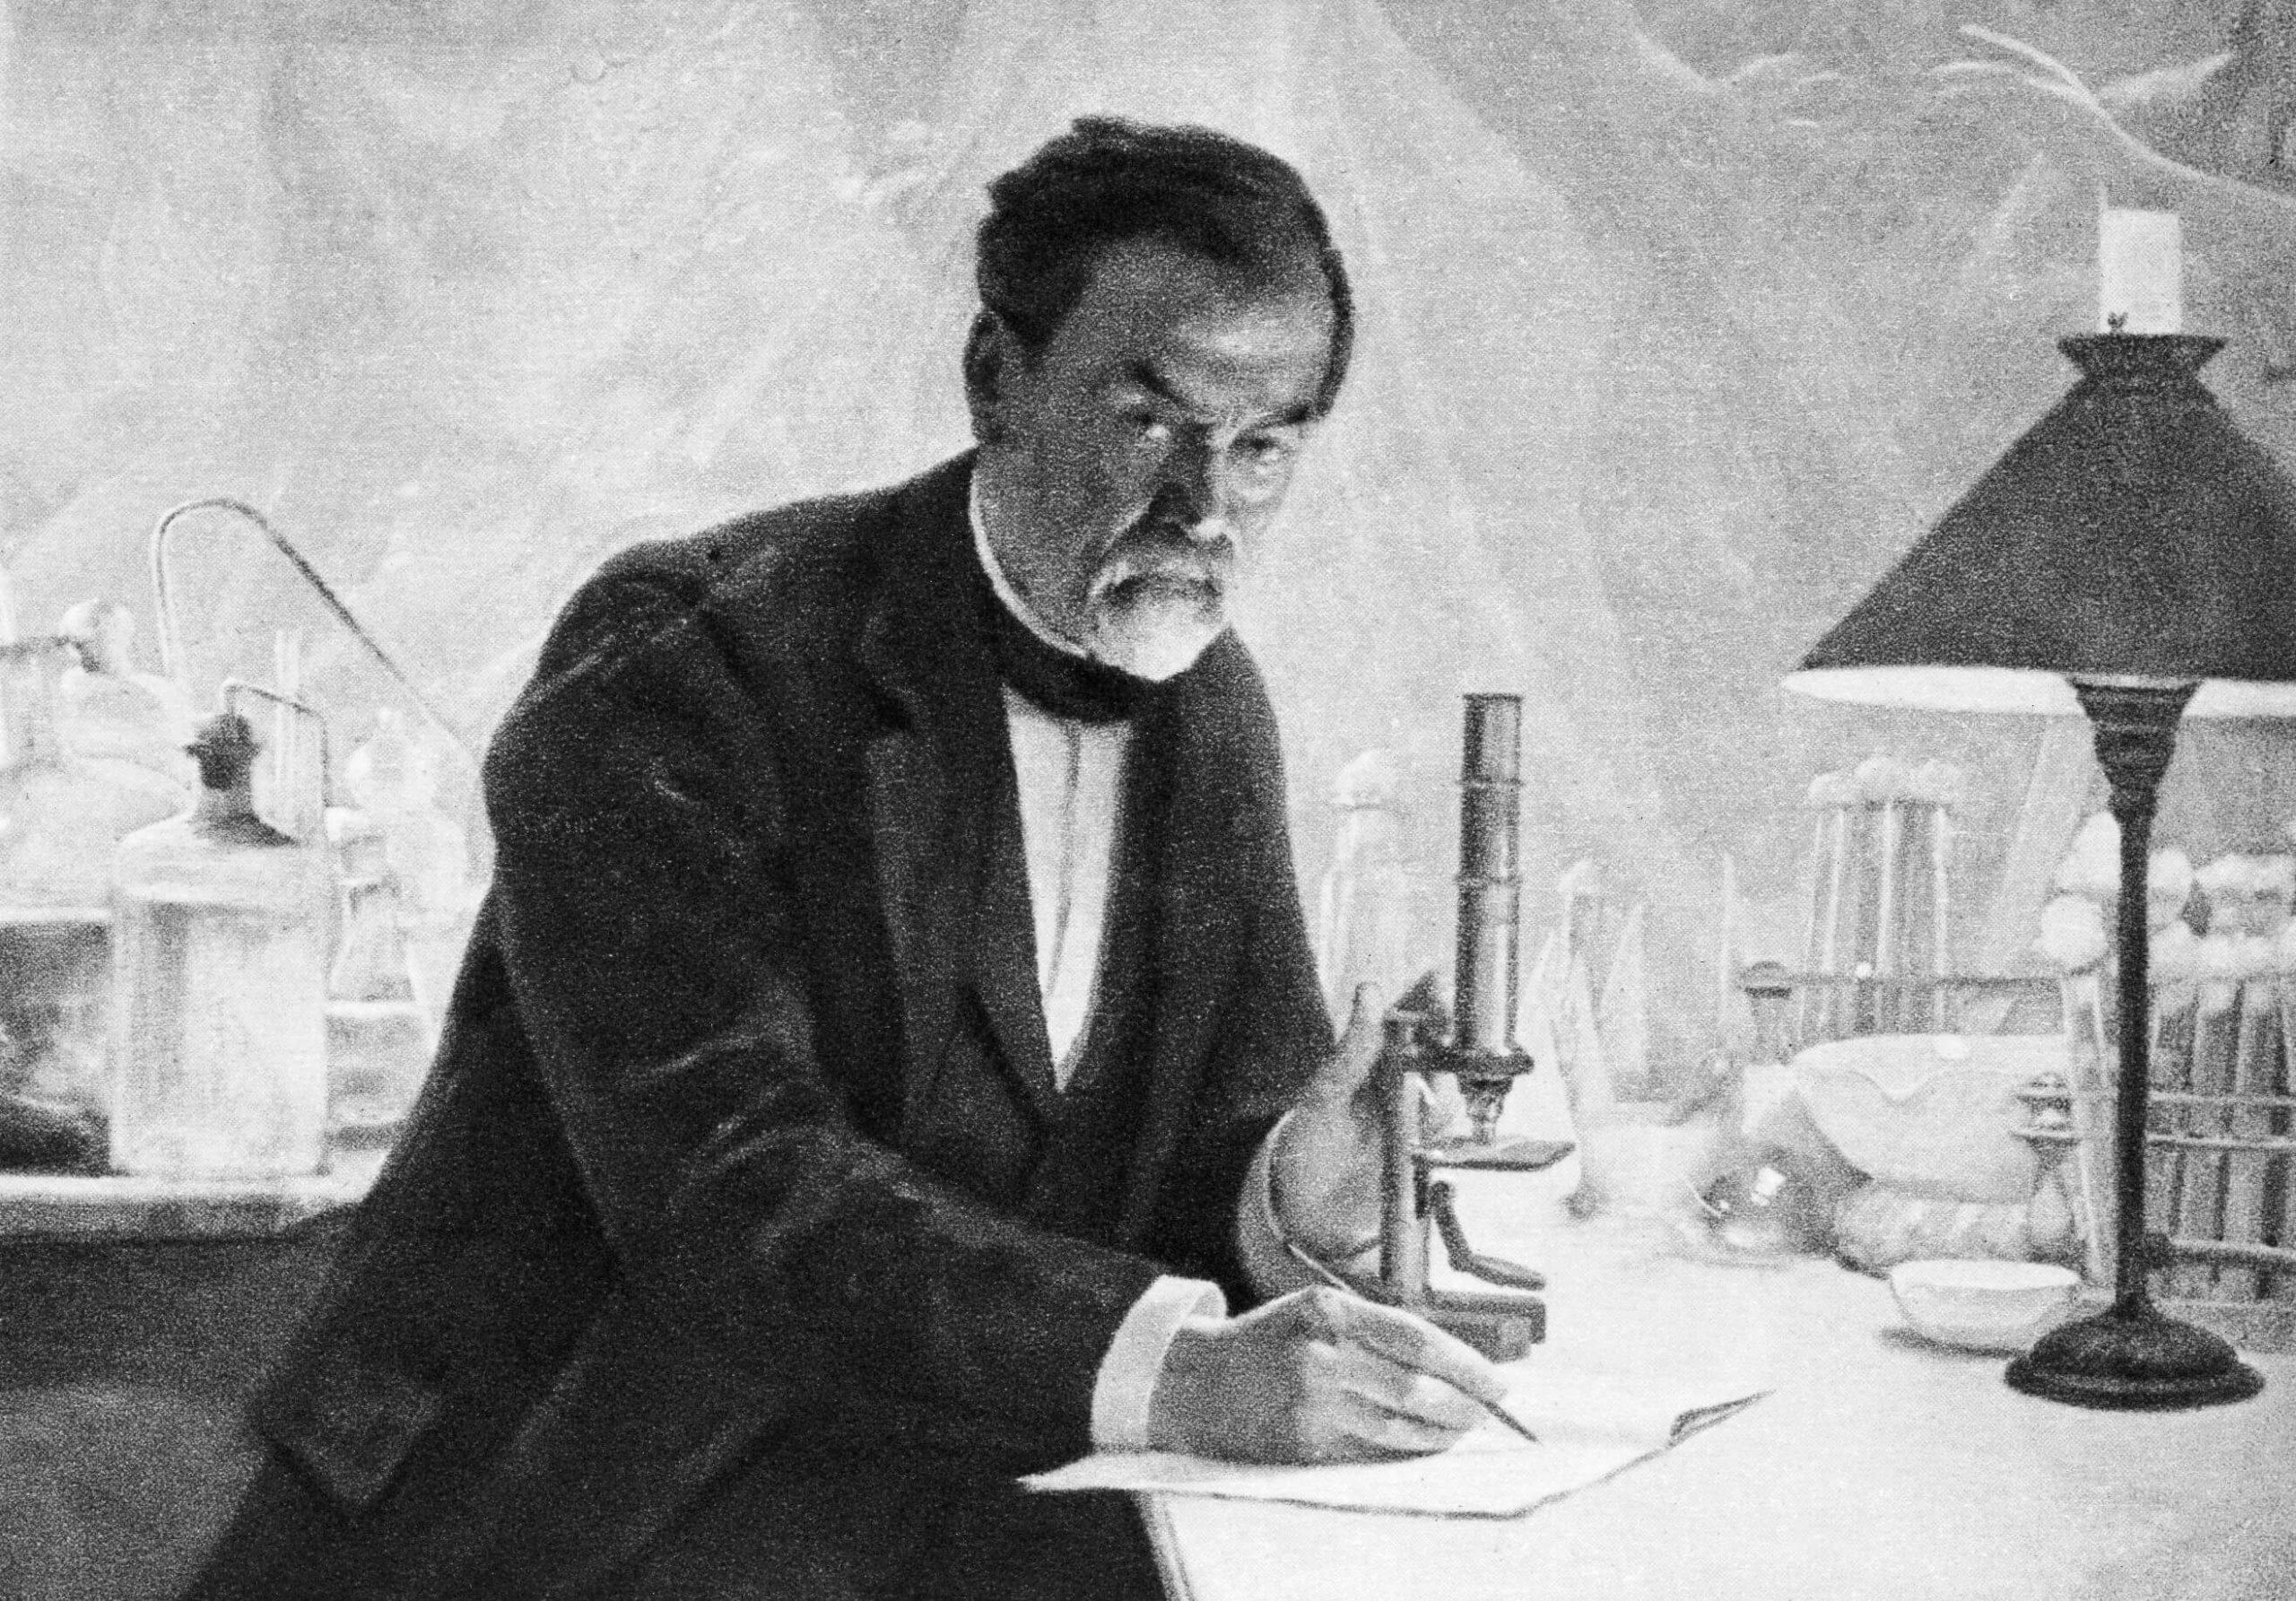 ¿Quién es Louis Pasteur? Biografía y ¿qué descubrió Louis Pasteur?